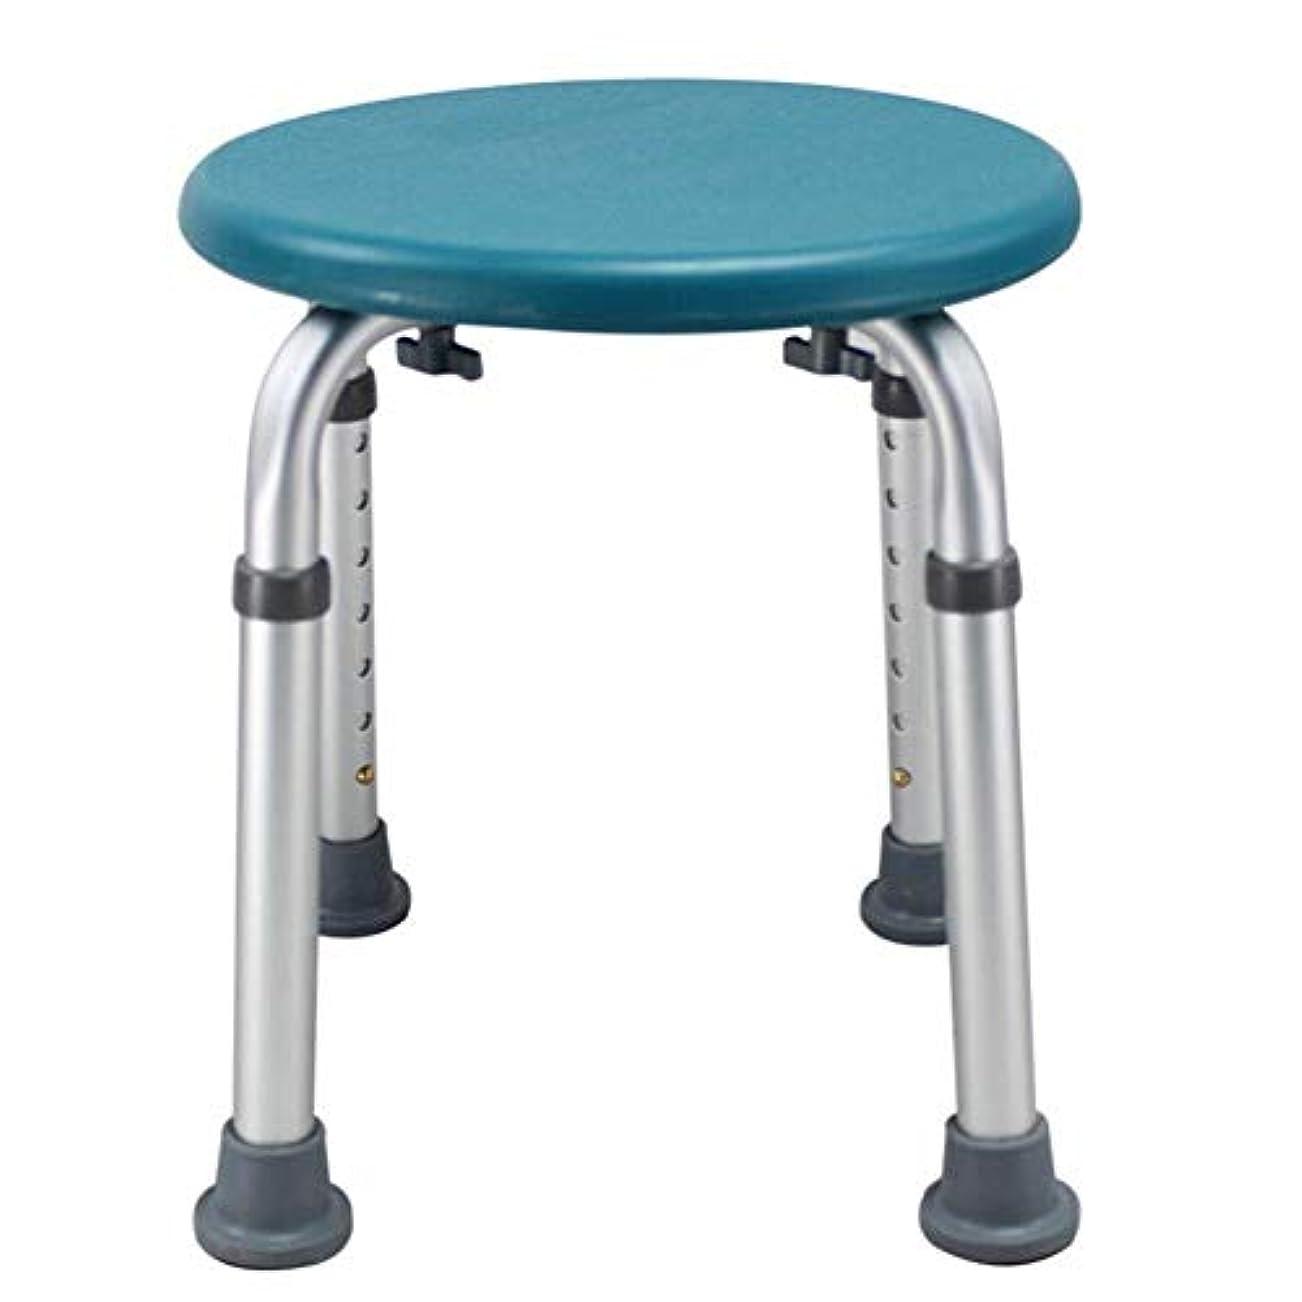 血色の良いニンニクアサートラウンドバスシートまたはシャワースツール、調整可能な高さのバスシートベンチ高齢者用入浴補助 (Color : 緑)